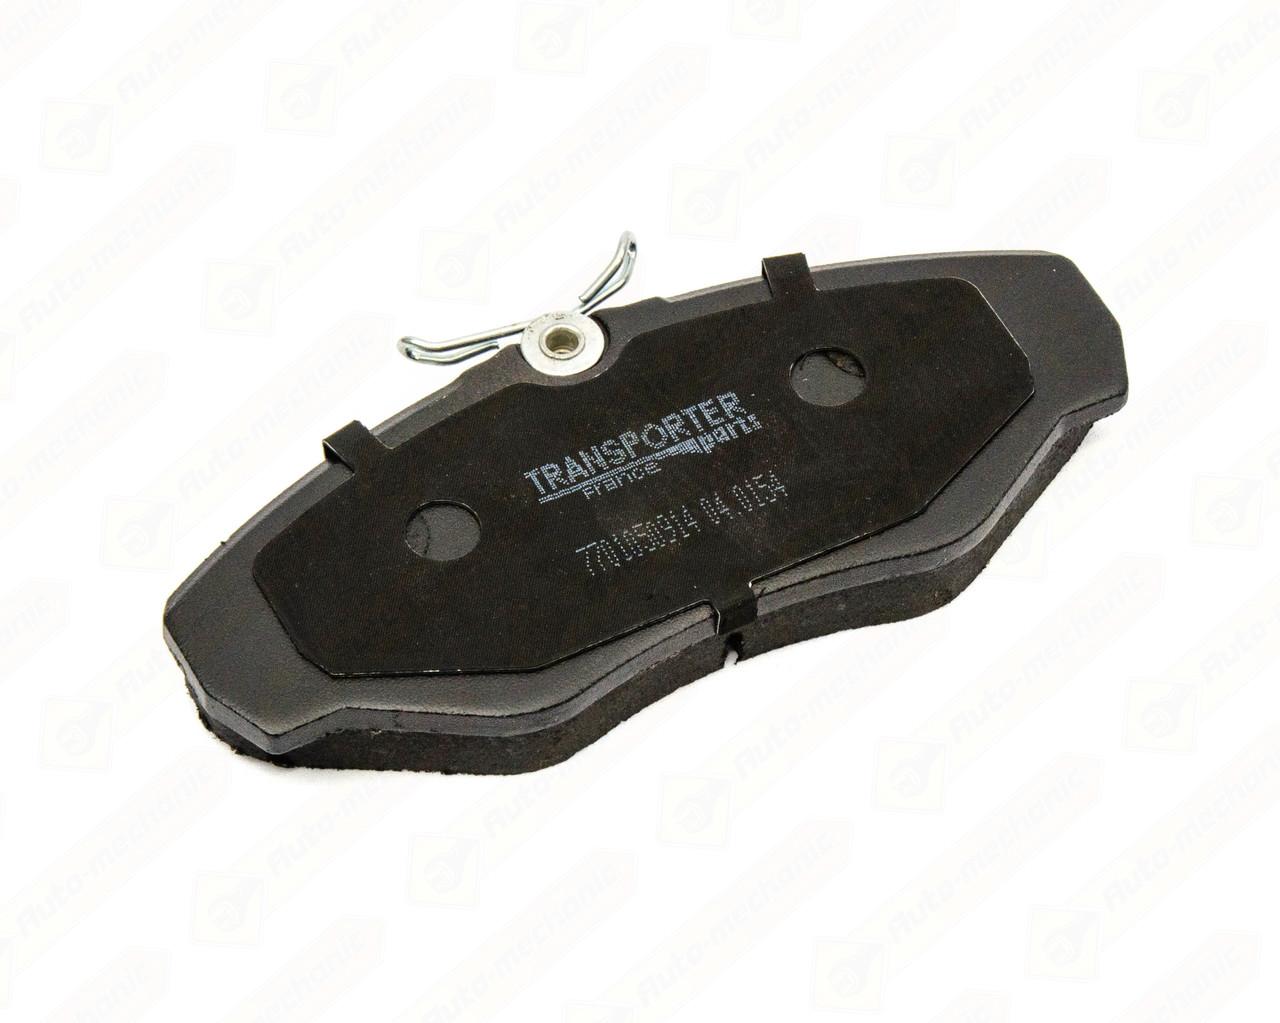 Дисковые тормозные колодки (передние) на Renault Trafic II 2001->2014 — AutoTechteile - 504.0154